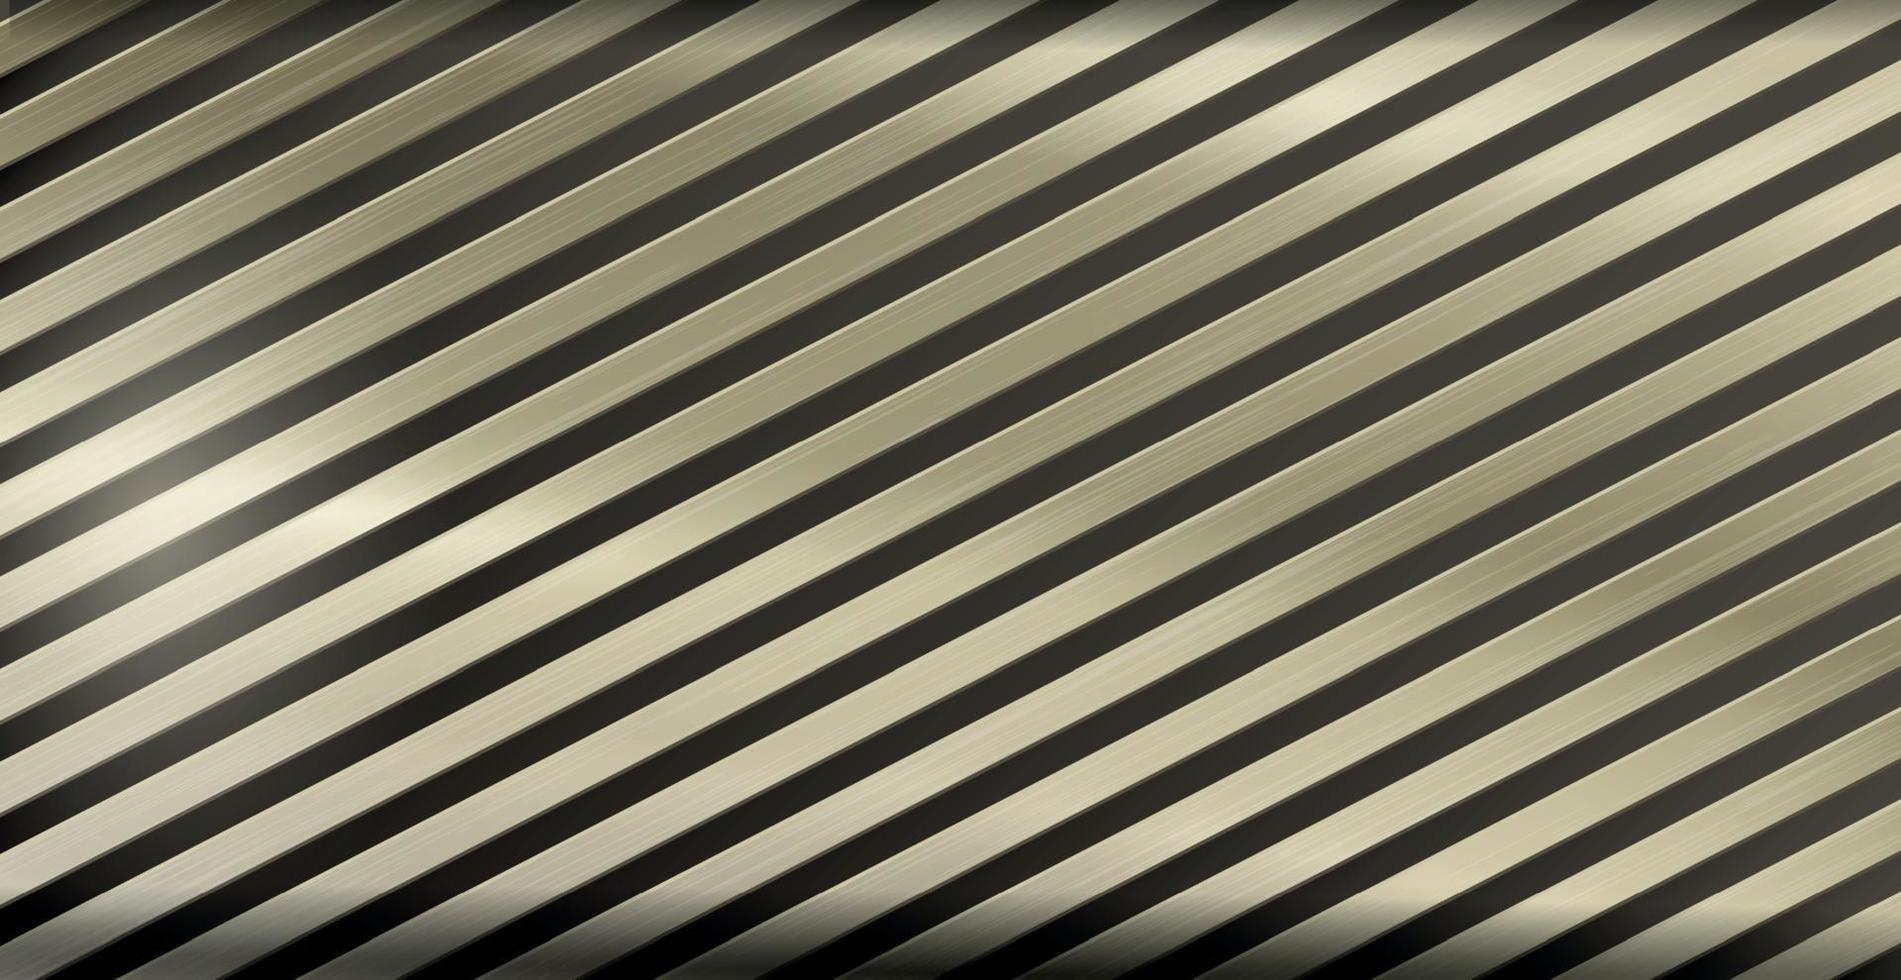 ljusmetallbakgrund med gyllene höjdpunkter, korrugerad konsistens - vektor